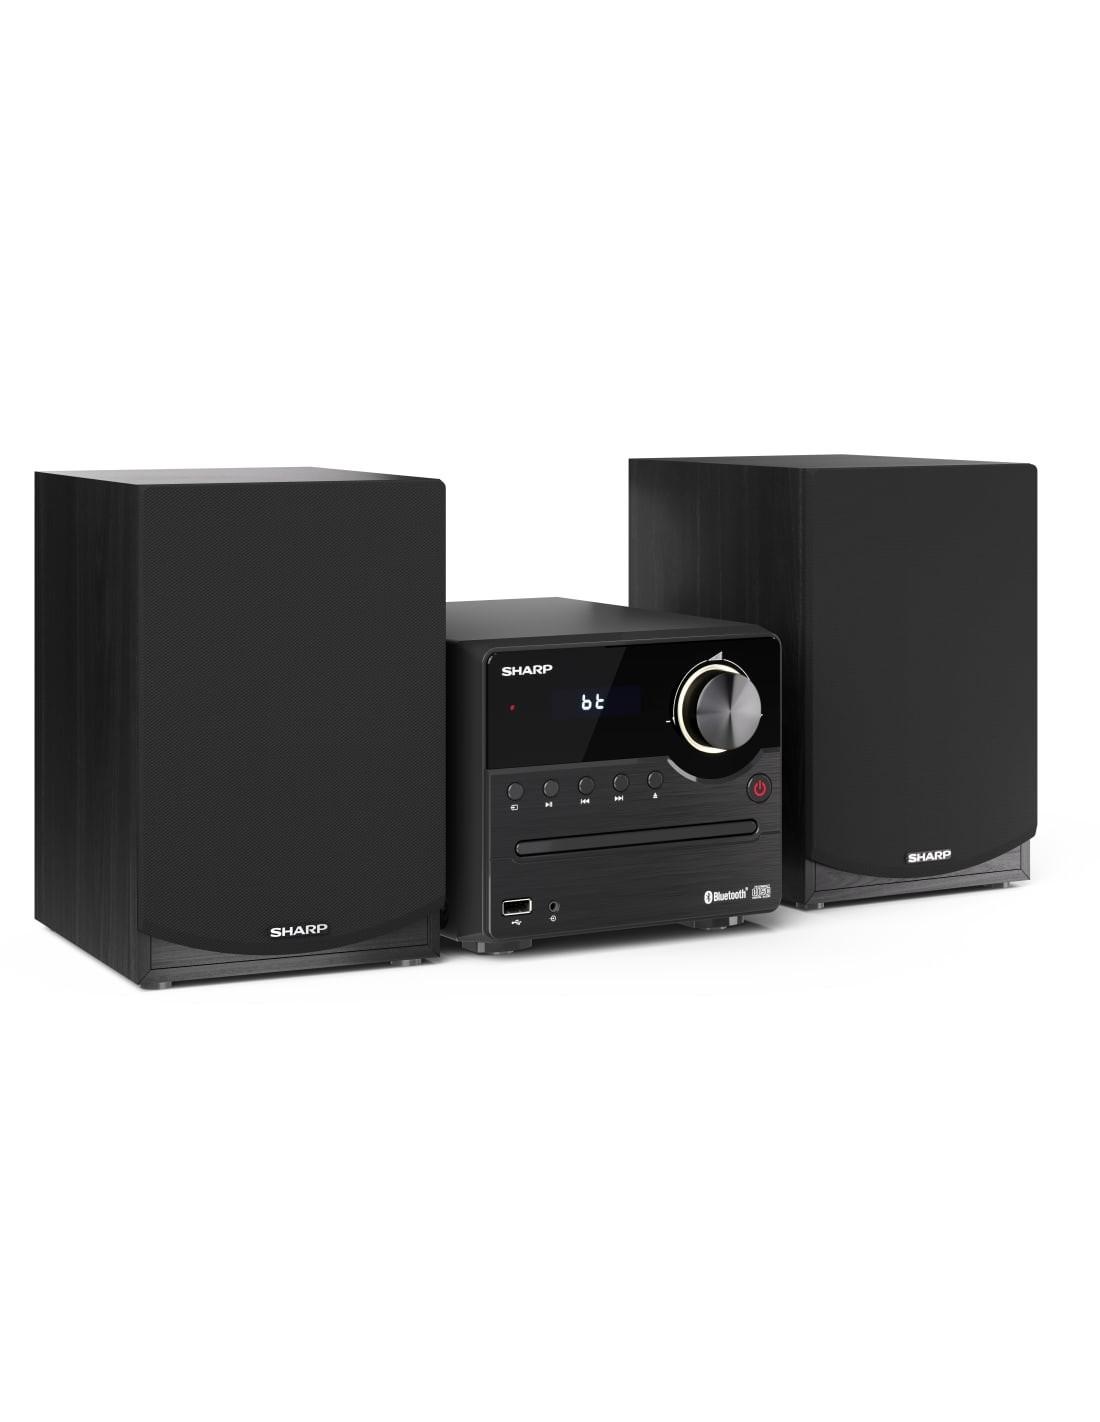 Sharp XL-B512(BR) sistema de audio para el hogar Microcadena de musica para usoídomástico 45 W Negro